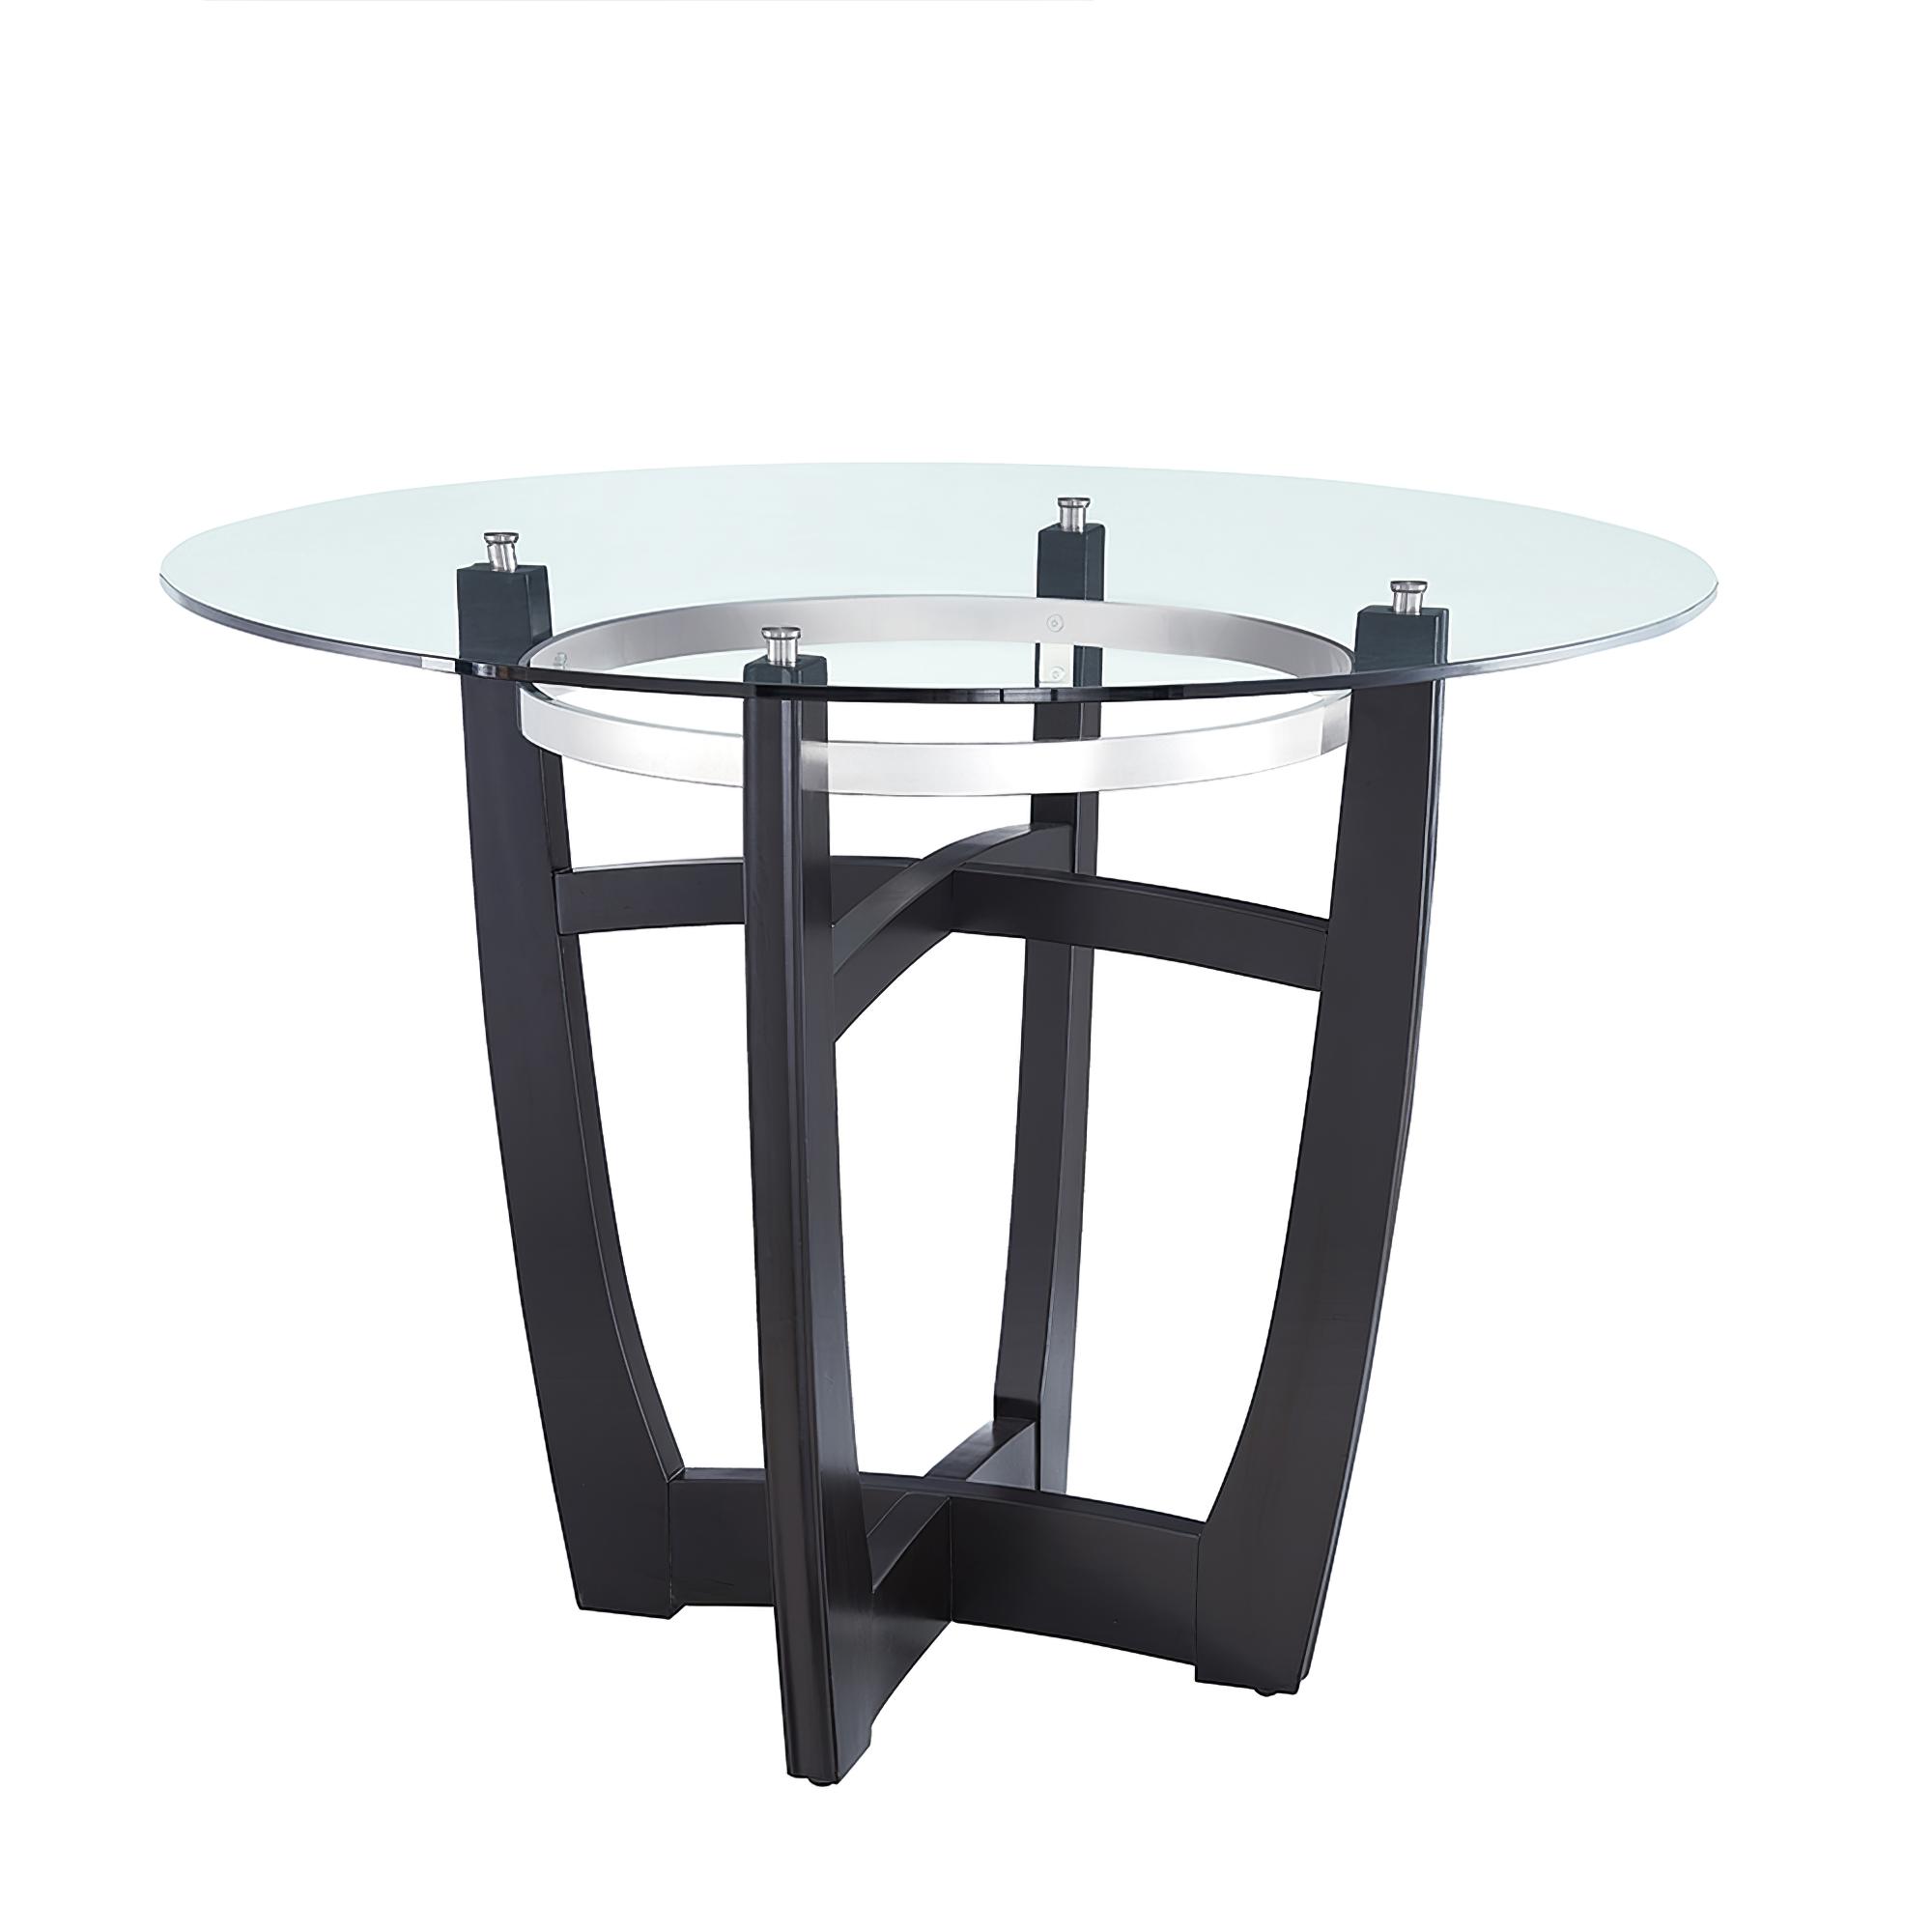 餐桌,带透明钢化玻璃台面,带实木底座,适用于家庭办公室厨房黑色的现代圆形玻璃厨房餐桌家具